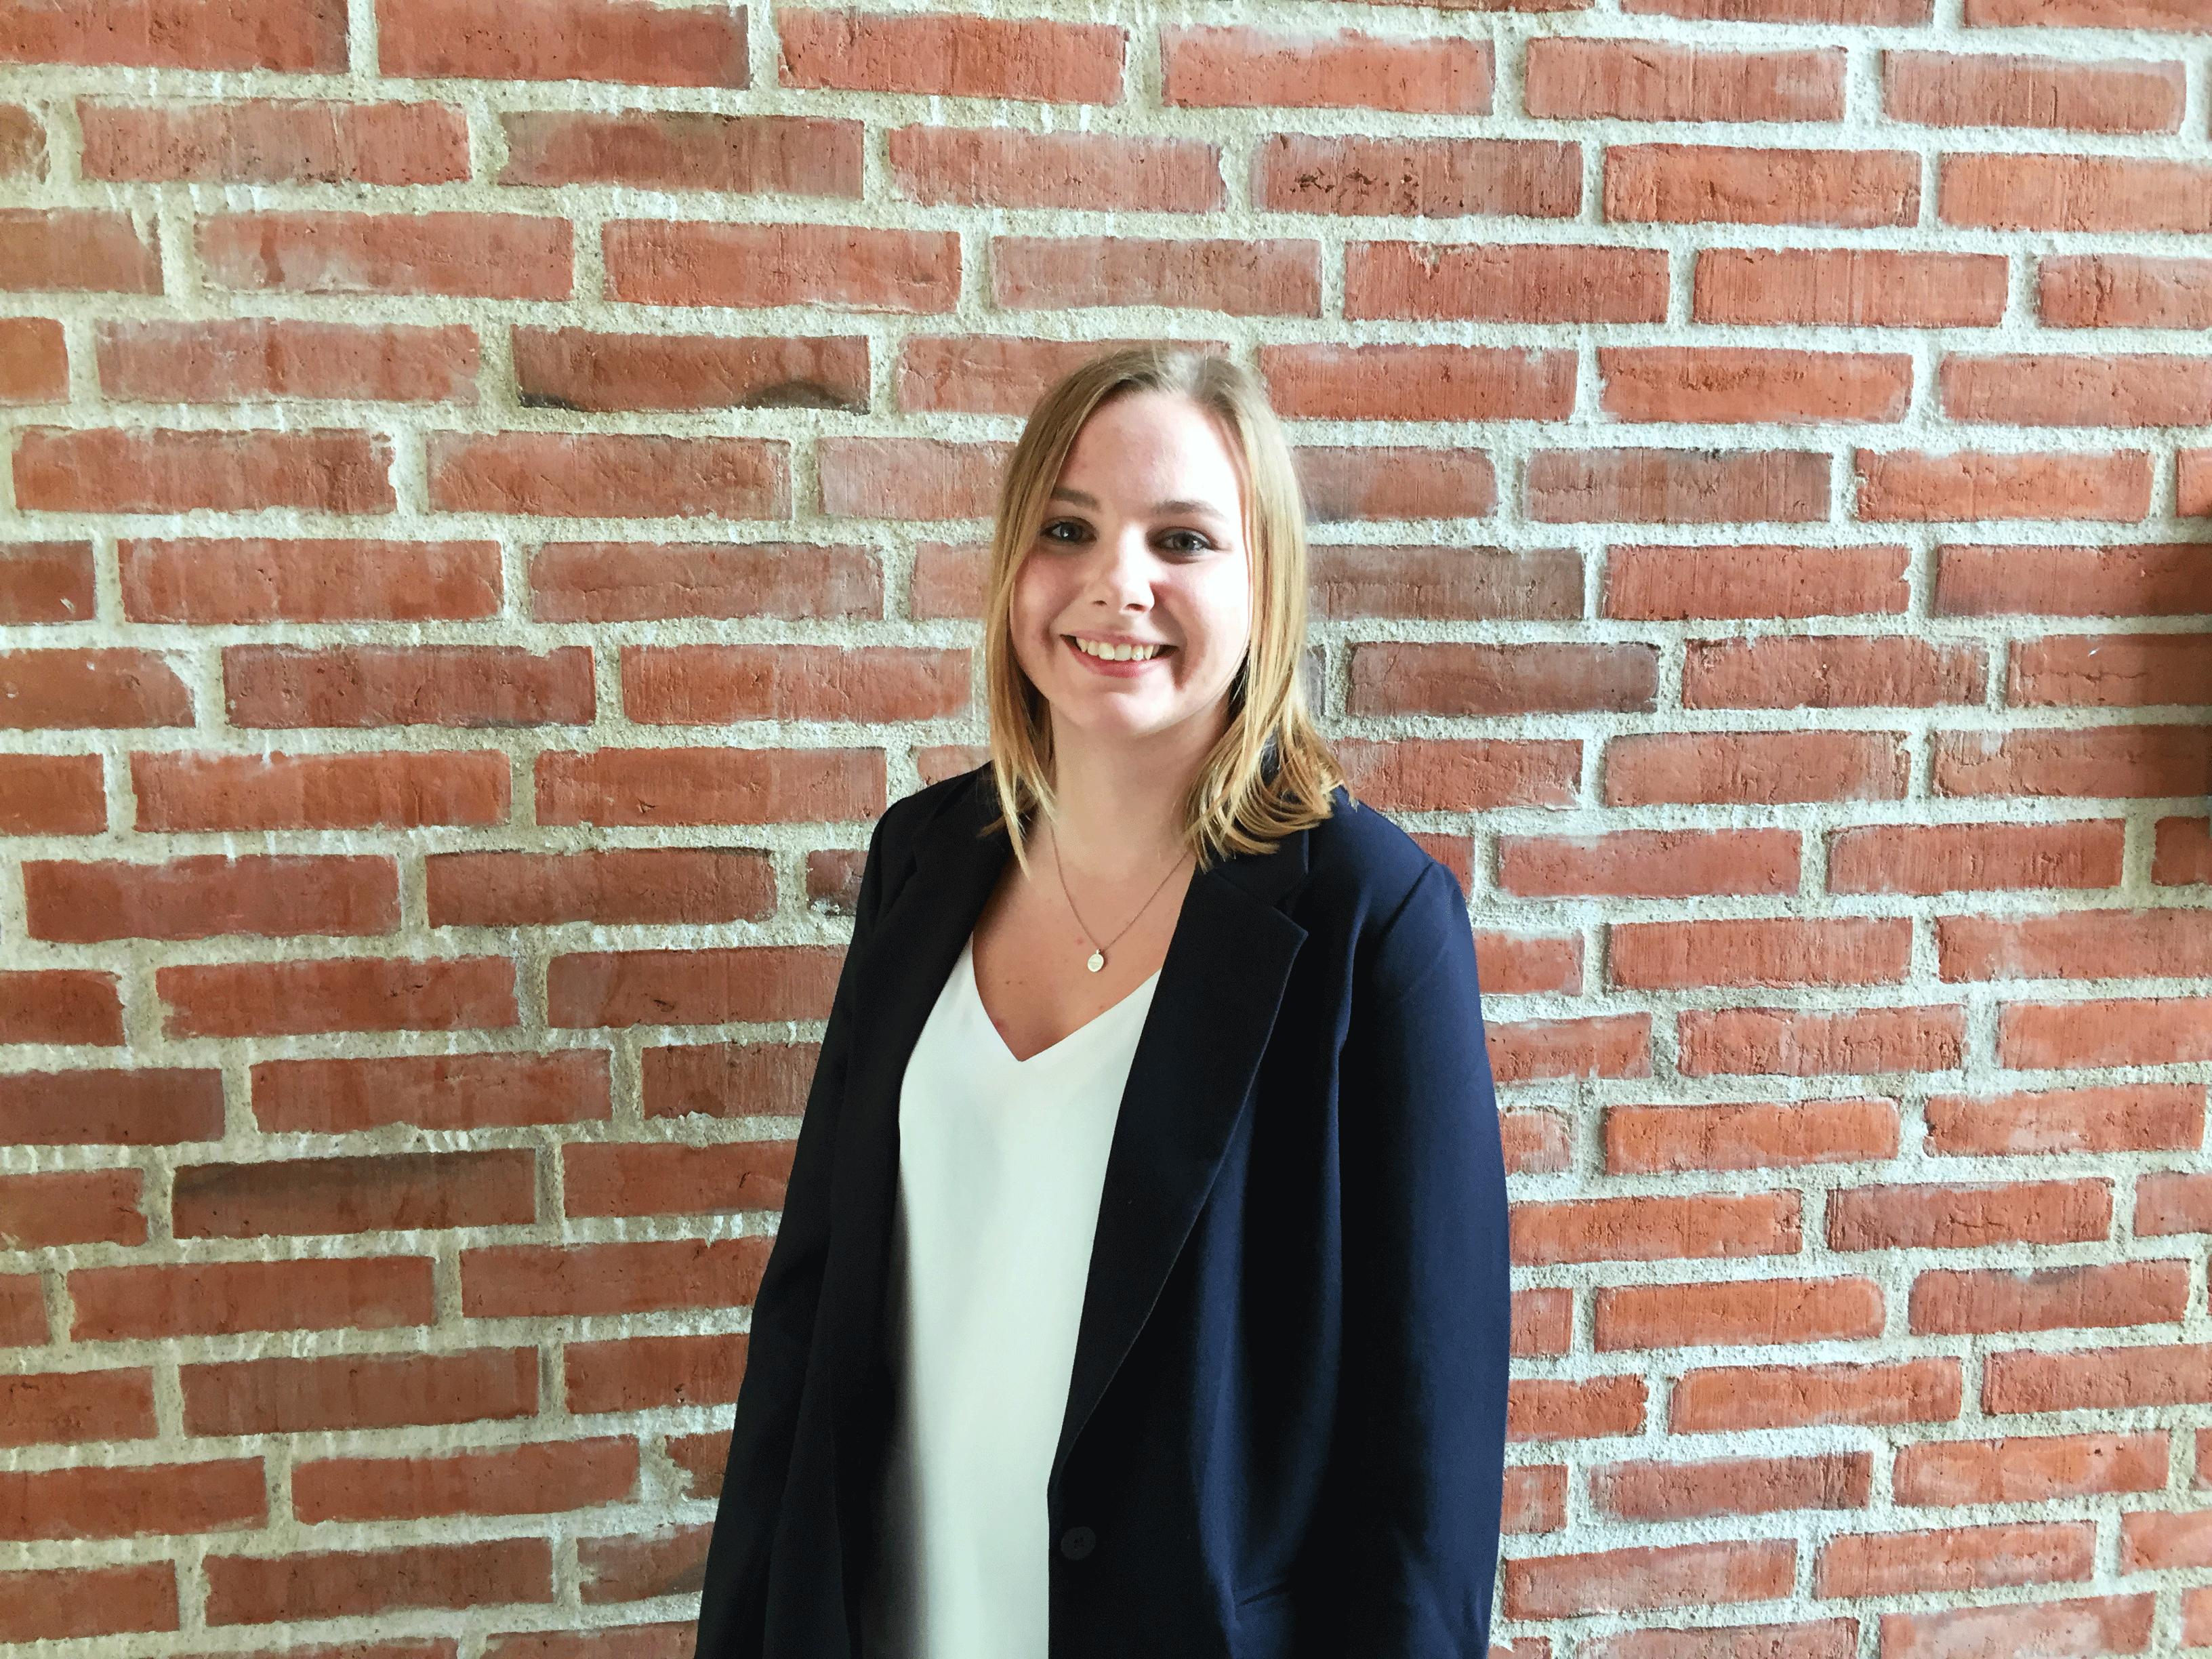 siv aau udveksling carina svindborg help university alumne profil